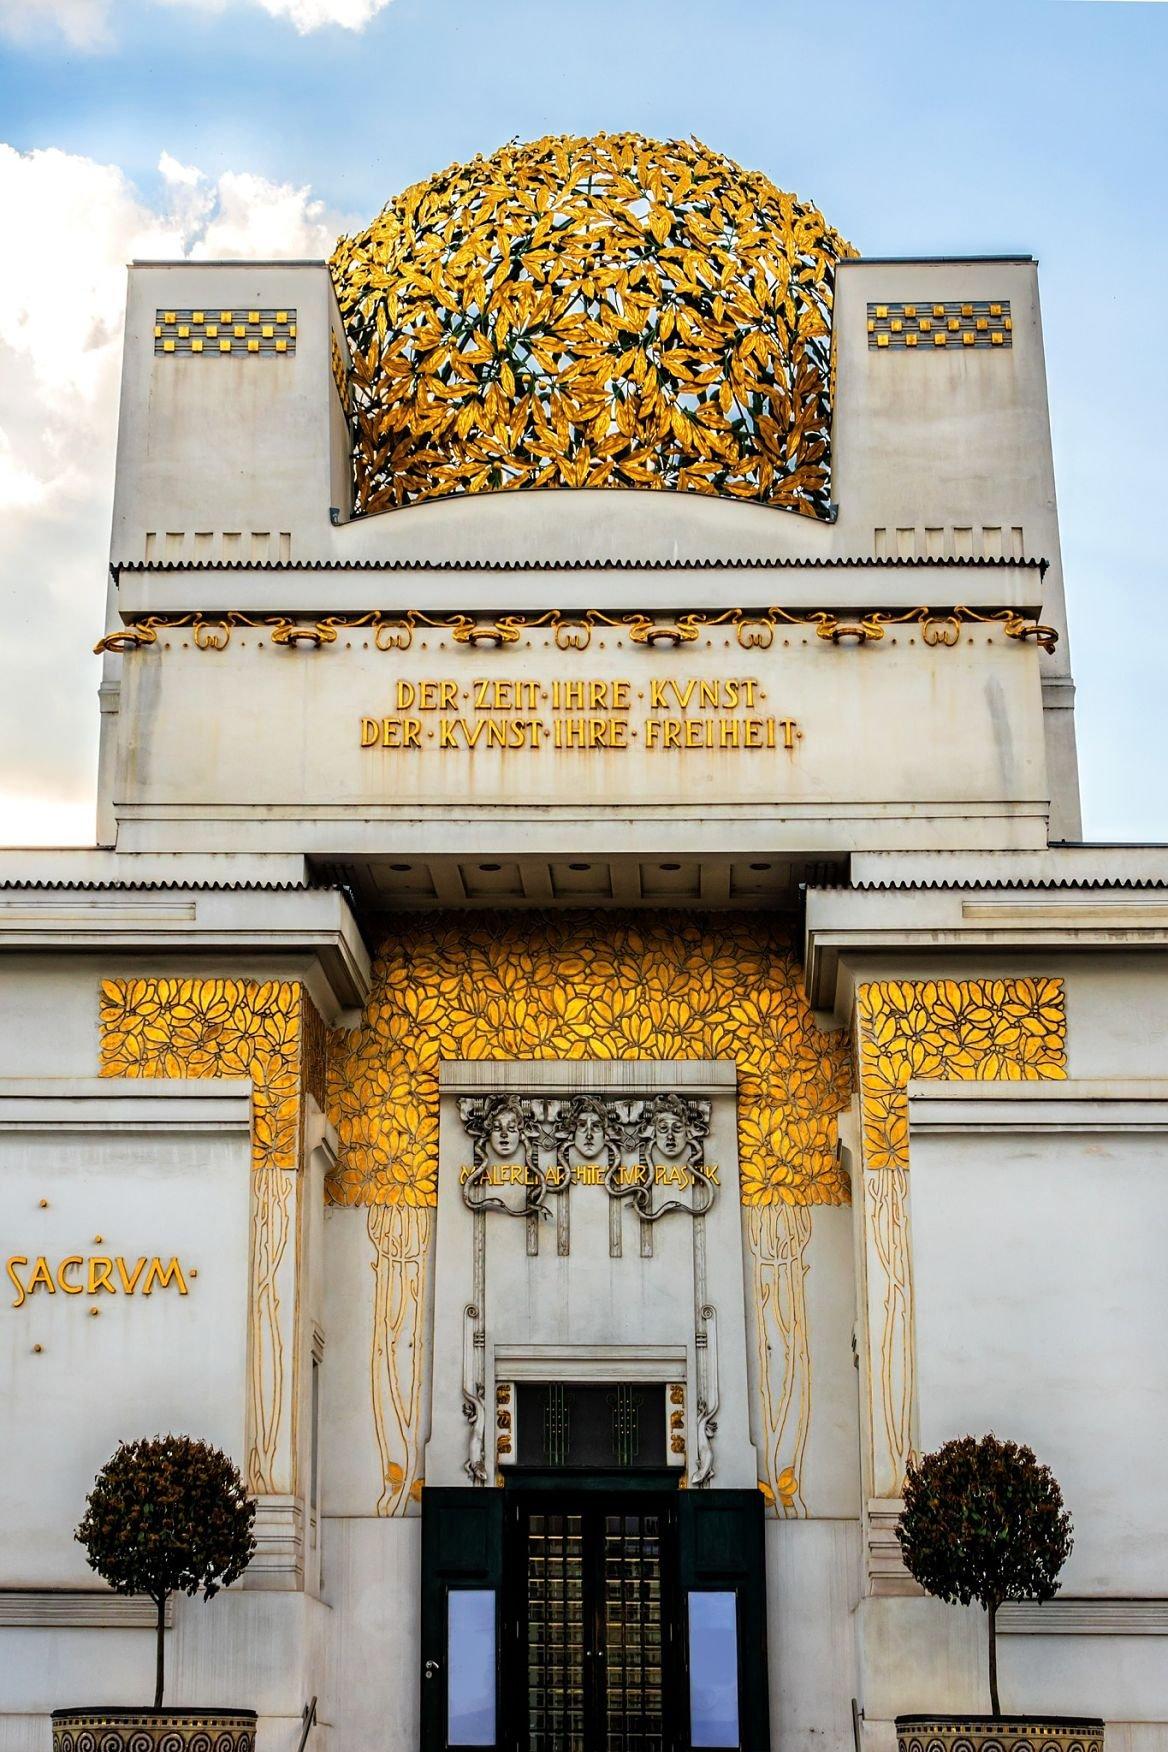 Le pavillon de la Sécession, à Vienne.